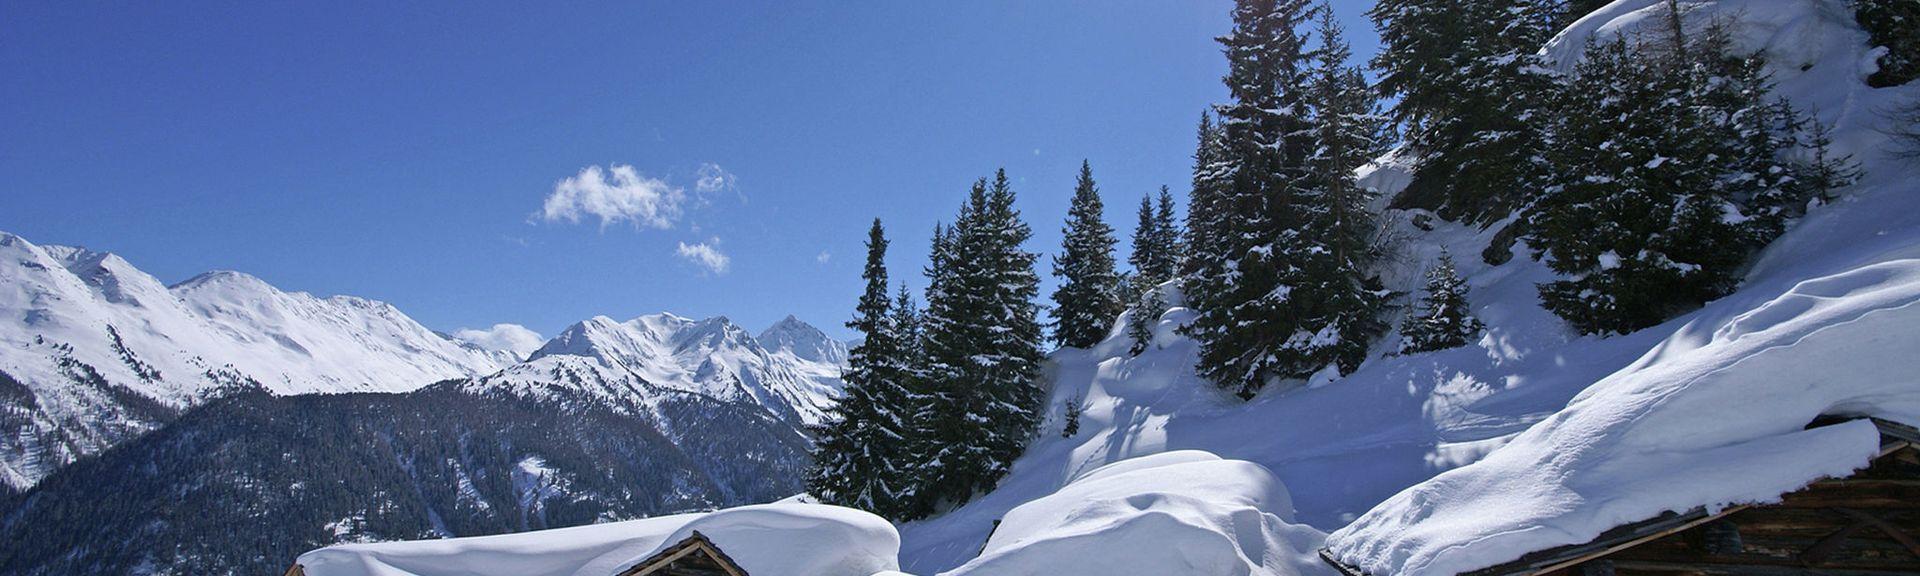 Prutz, Tirol, Østerrike